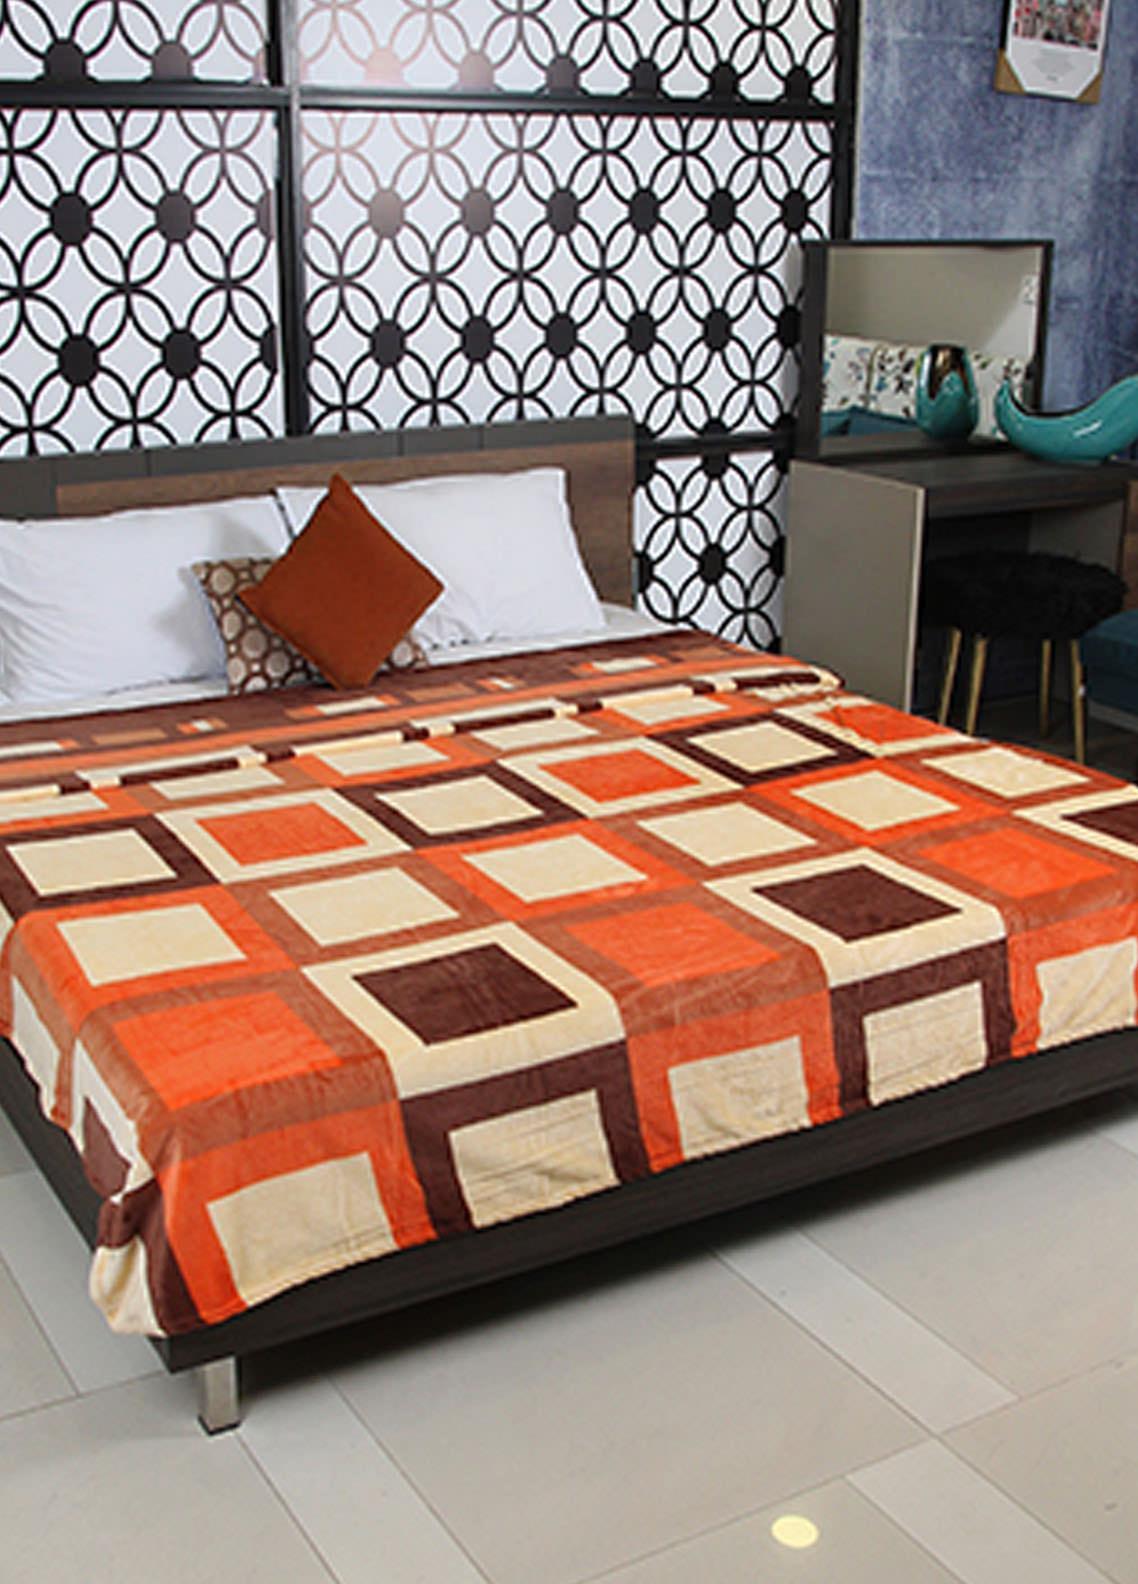 Plush Mink Double Bed Supreme Soft Finish Blankets 2 Ply Supremo-SMV227 - Home & Decor